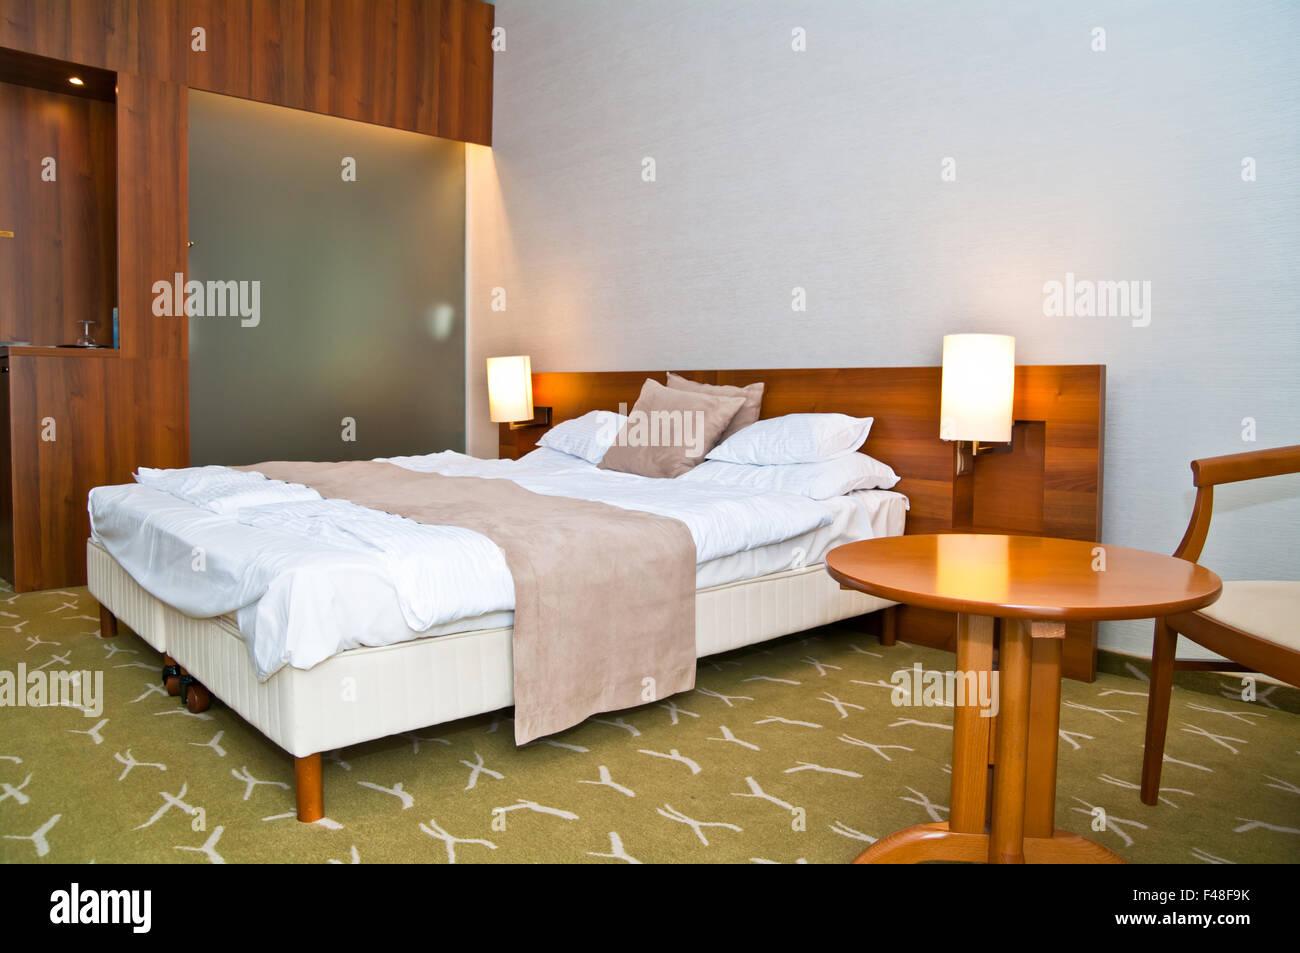 Grande letto per raffreddare il sonno relax; camera bellissima. Immagini Stock